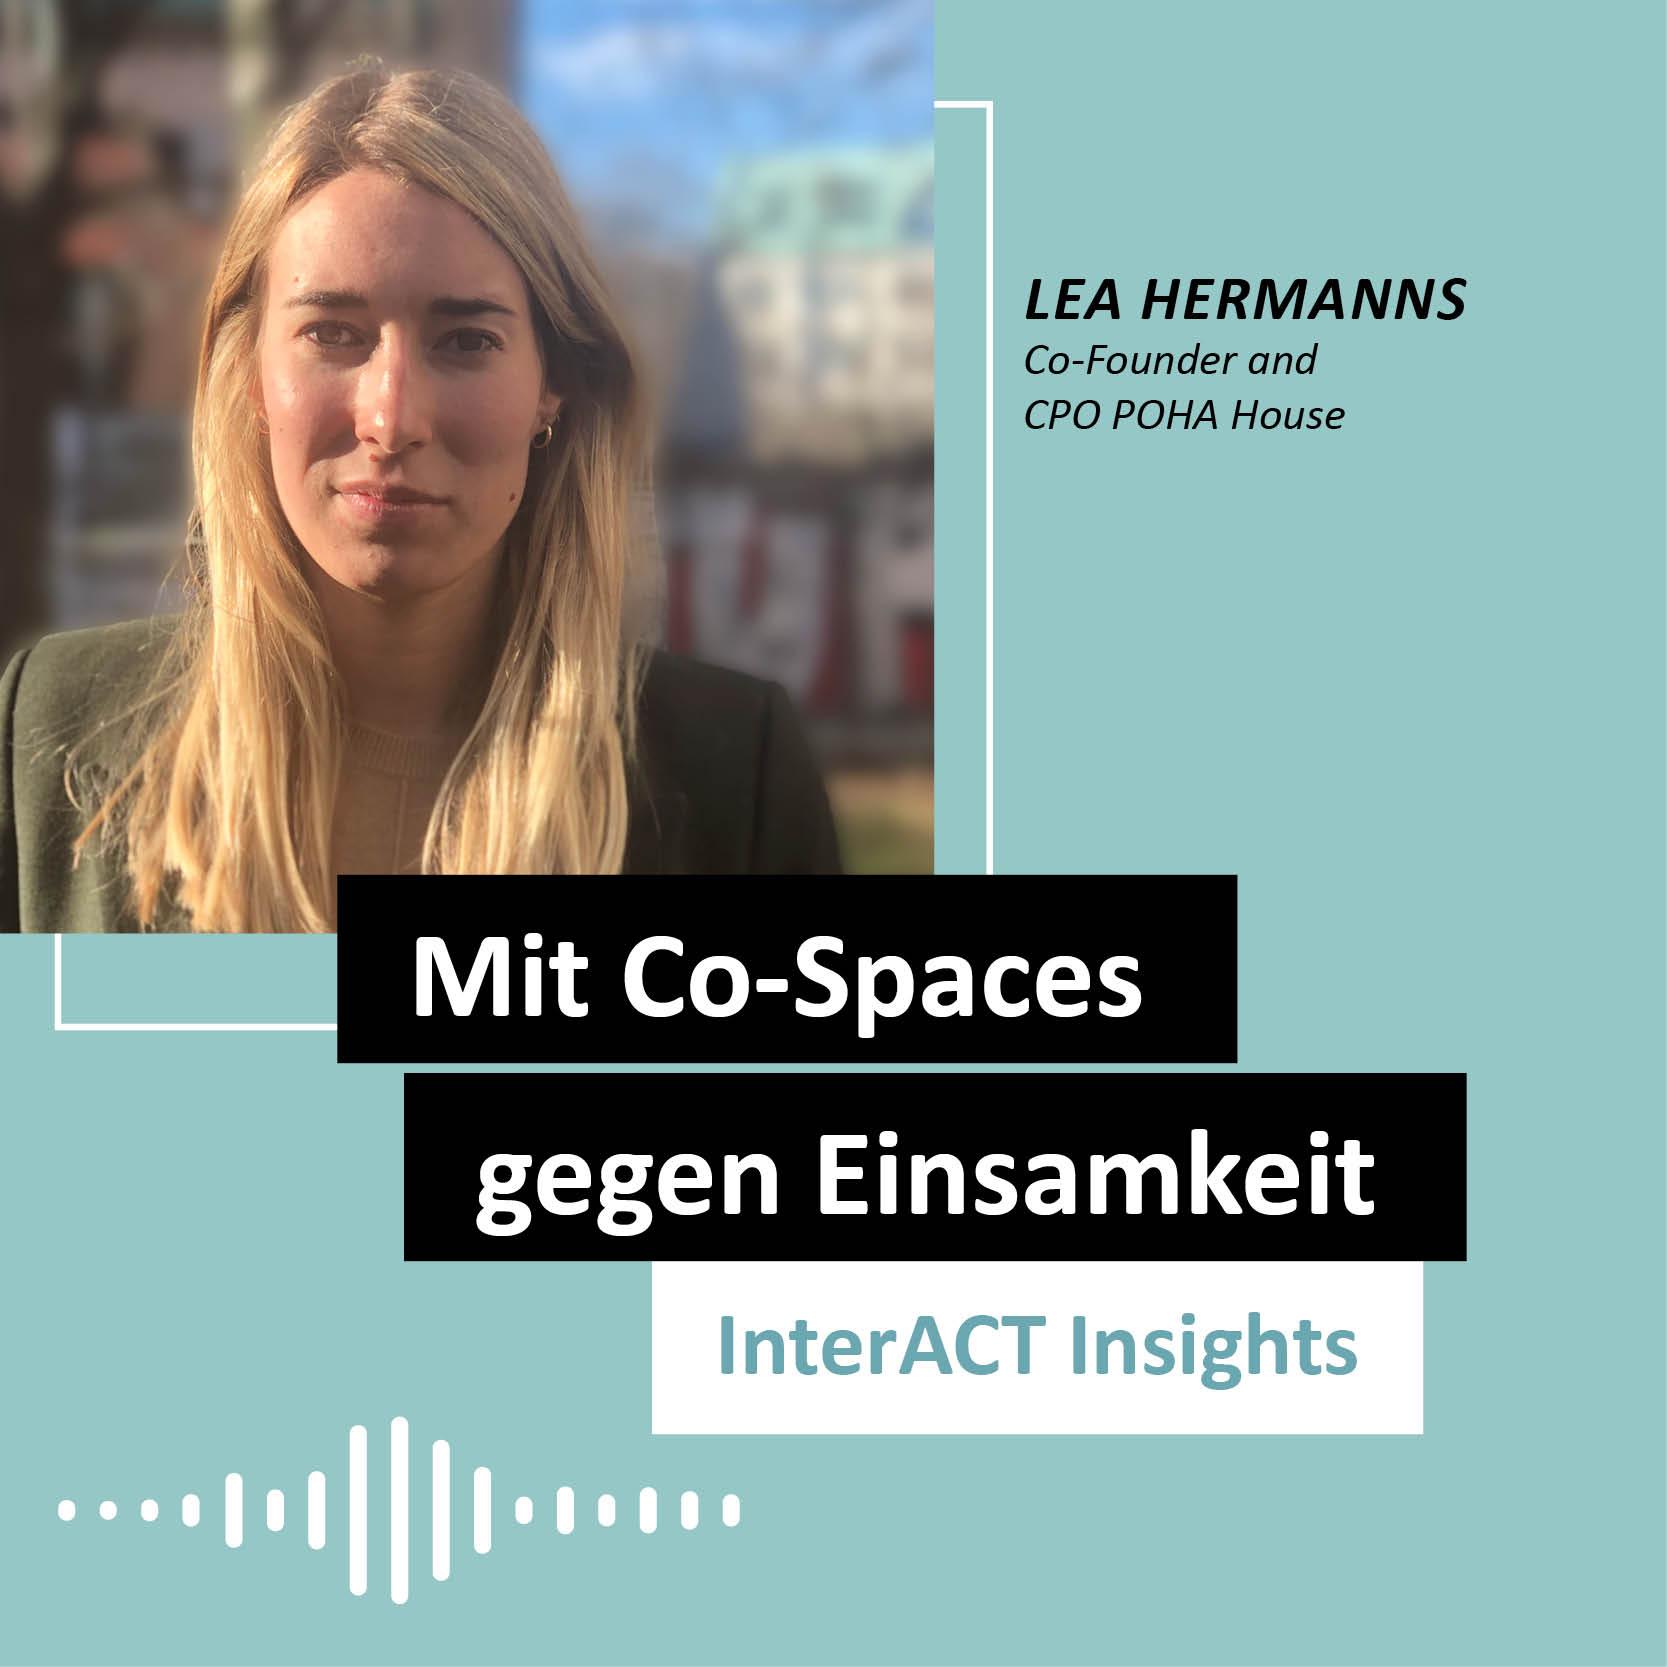 """Podcastfolge mit Lea Hermanns - """"Mit Co-Spaces gegen Einsamkeit"""" - InterACT Insights"""